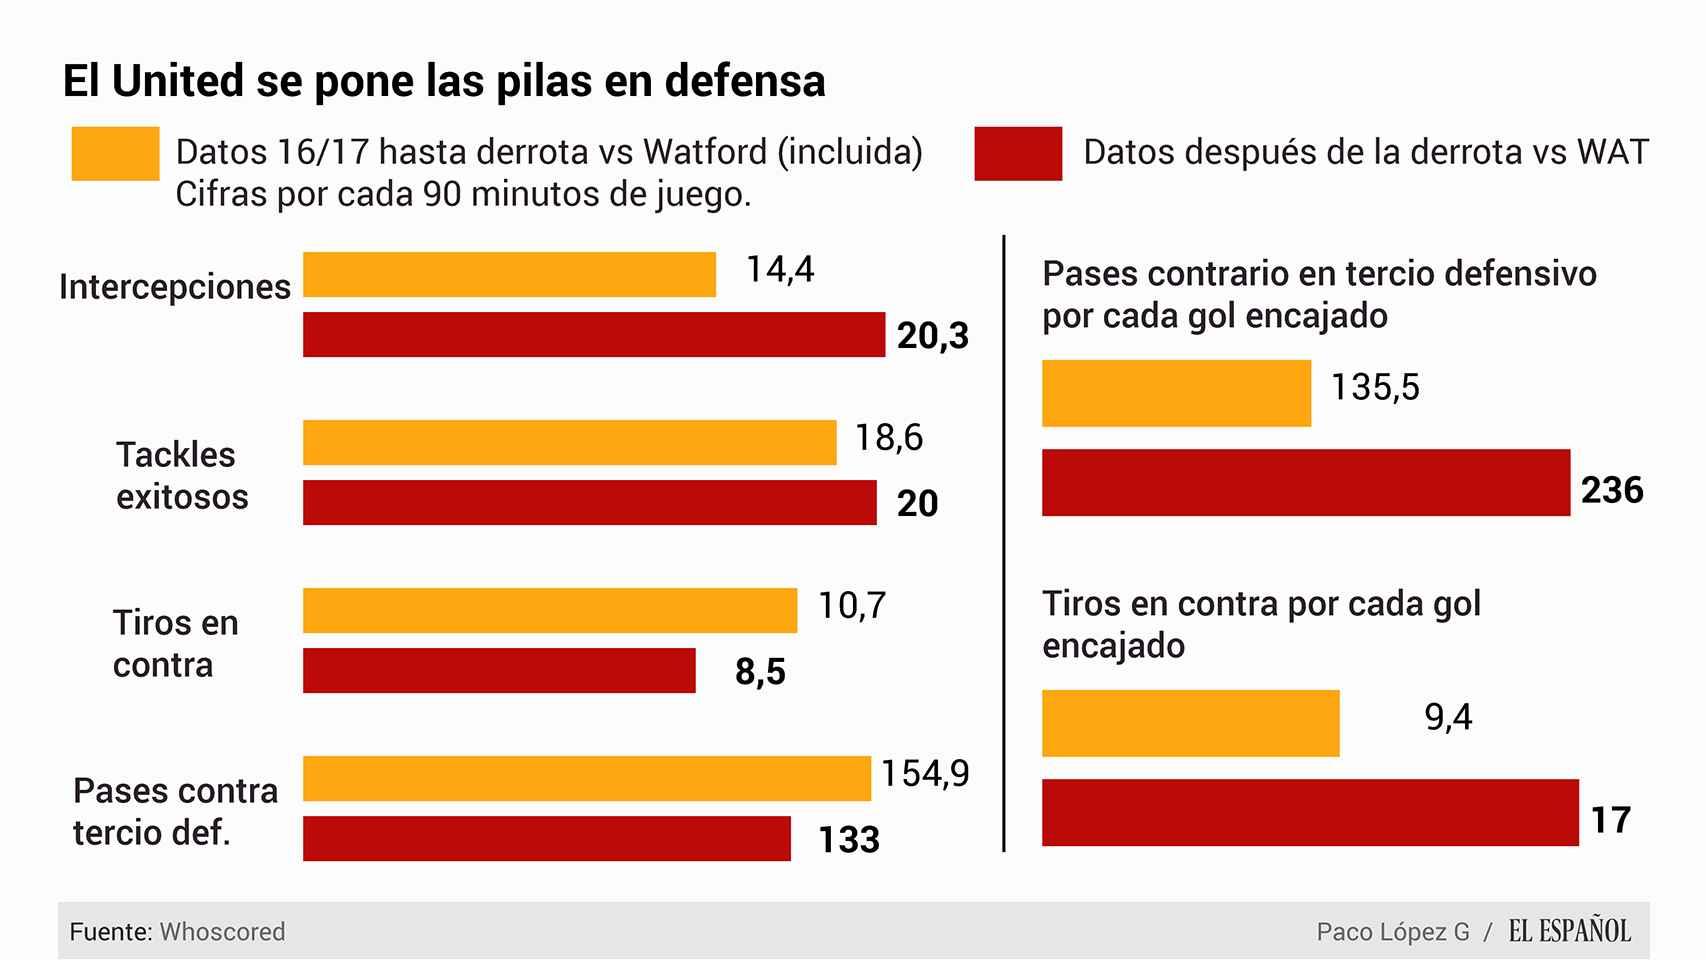 datos defensivos